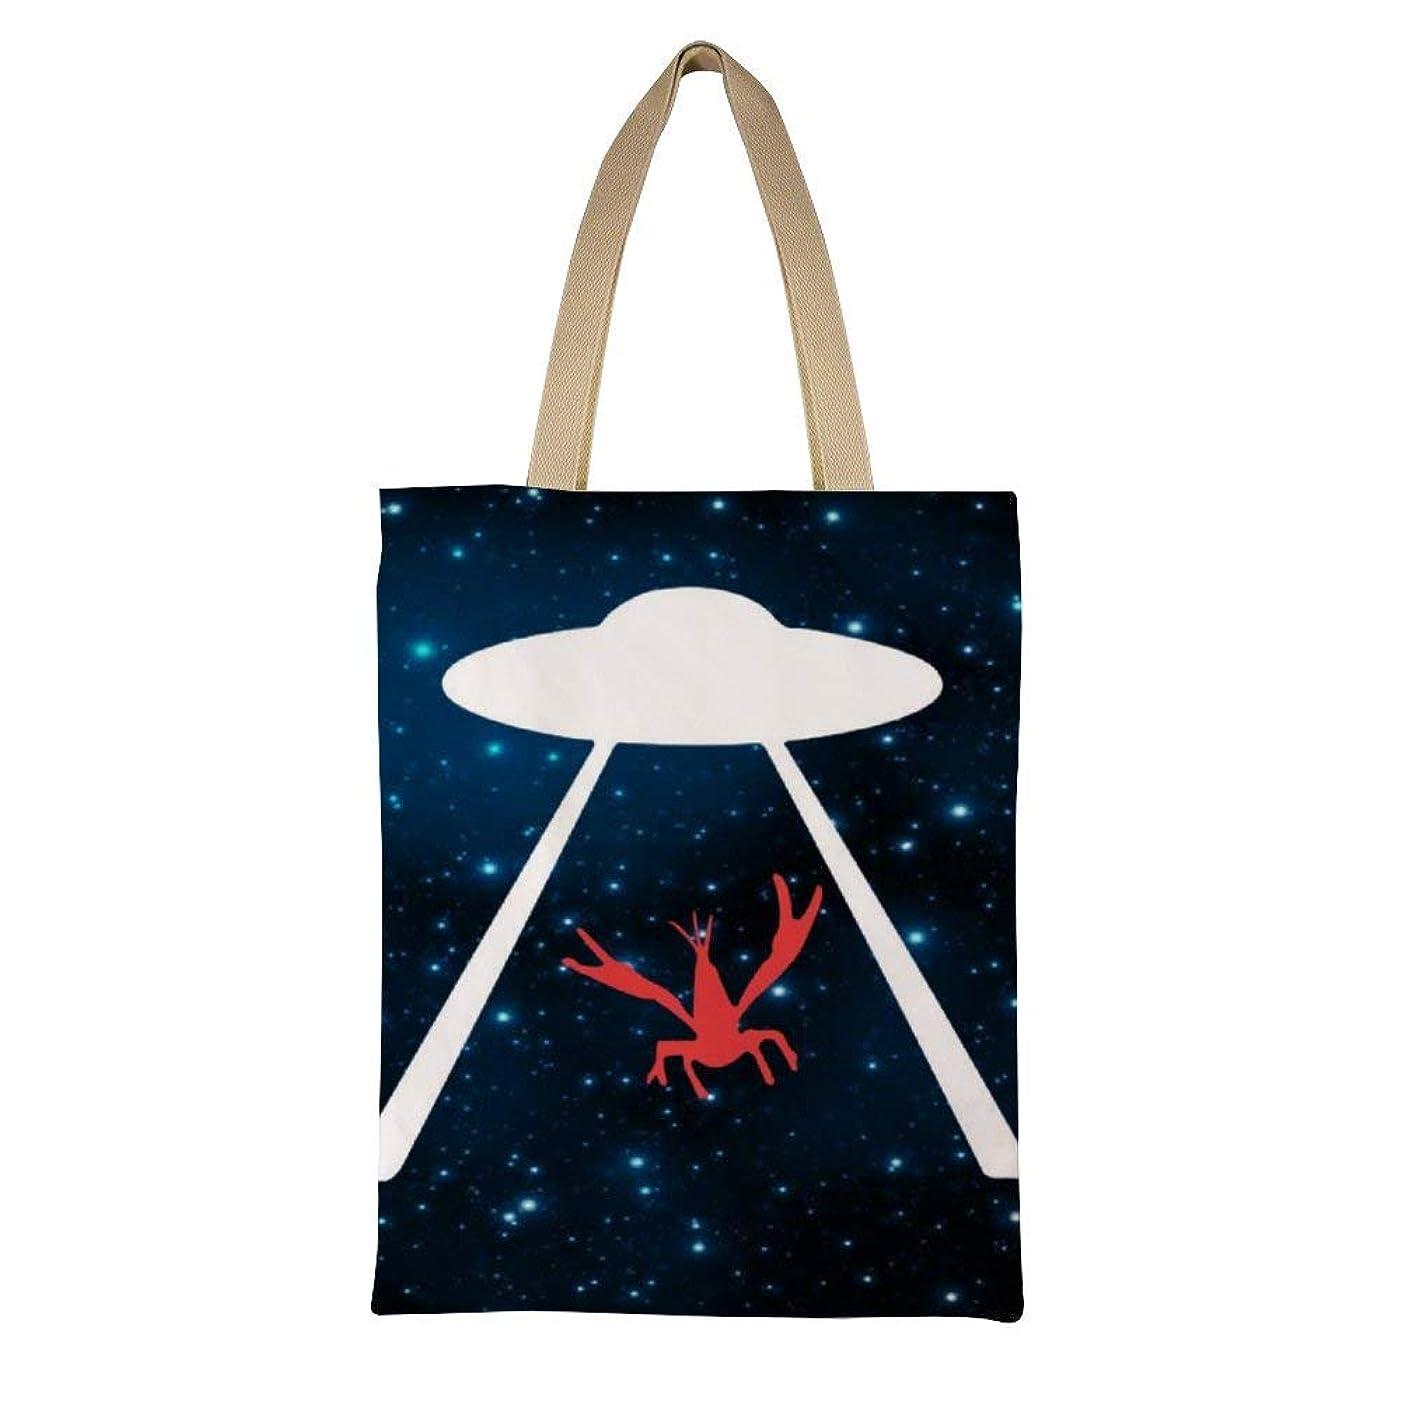 織る幽霊変換するFunny UFO Crawfish レディース キャンバストートバッグ ハンドバッグキャンバスショルダーバッグ通勤通学 大容量 軽量